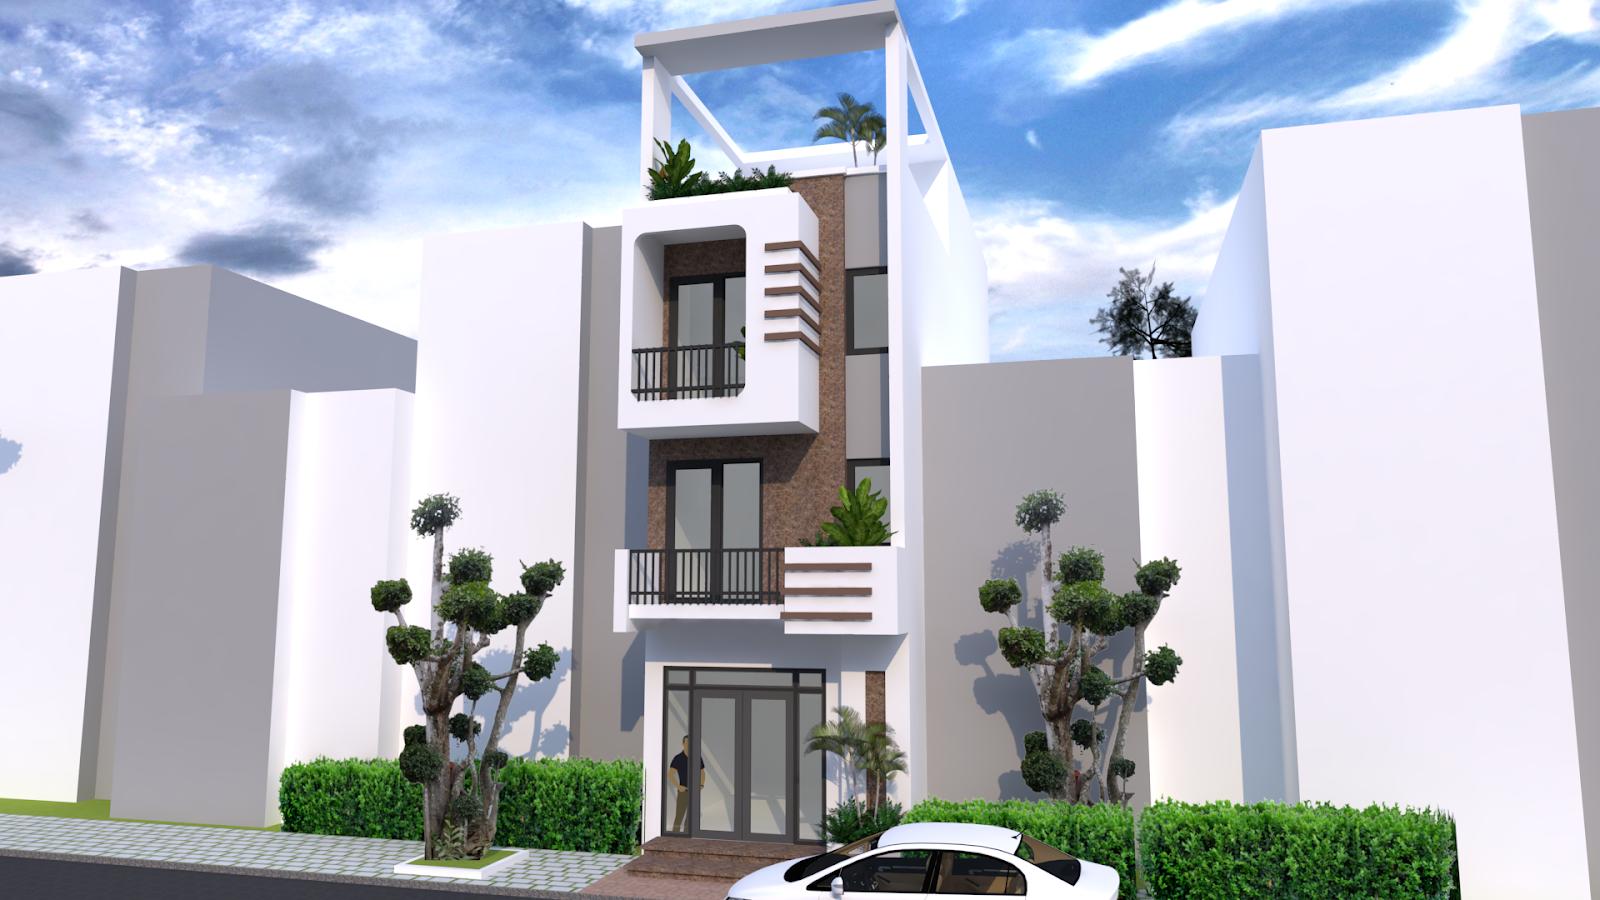 Sketchup 4 Story Narrow House Plan 4.2m